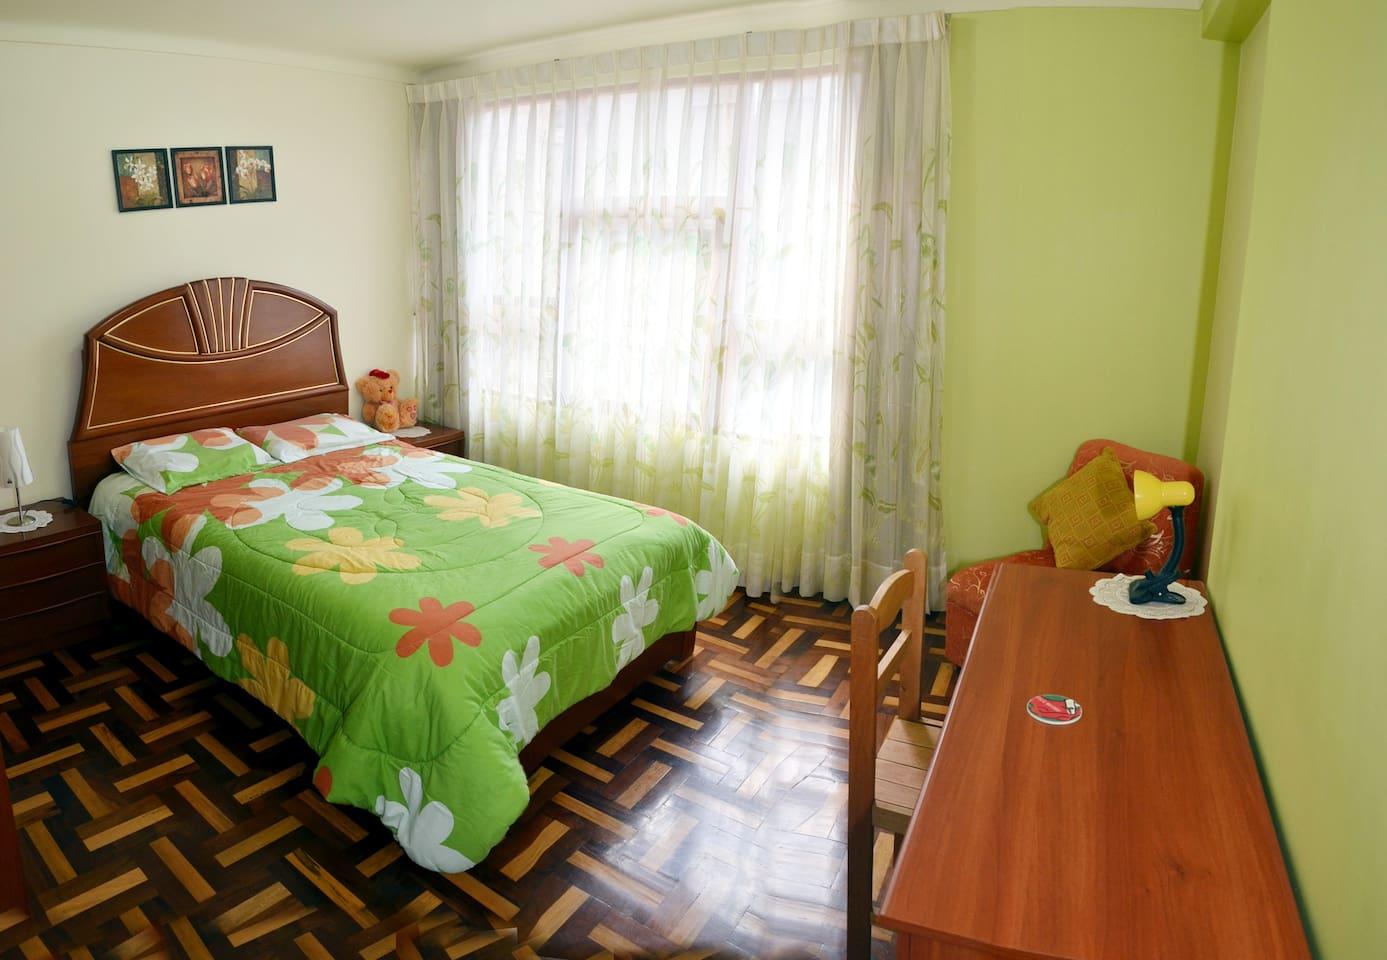 Es una habitación confortable, espaciosa y con bastante iluminación, con vista al parque; baño privado, closet, lámparas y TV